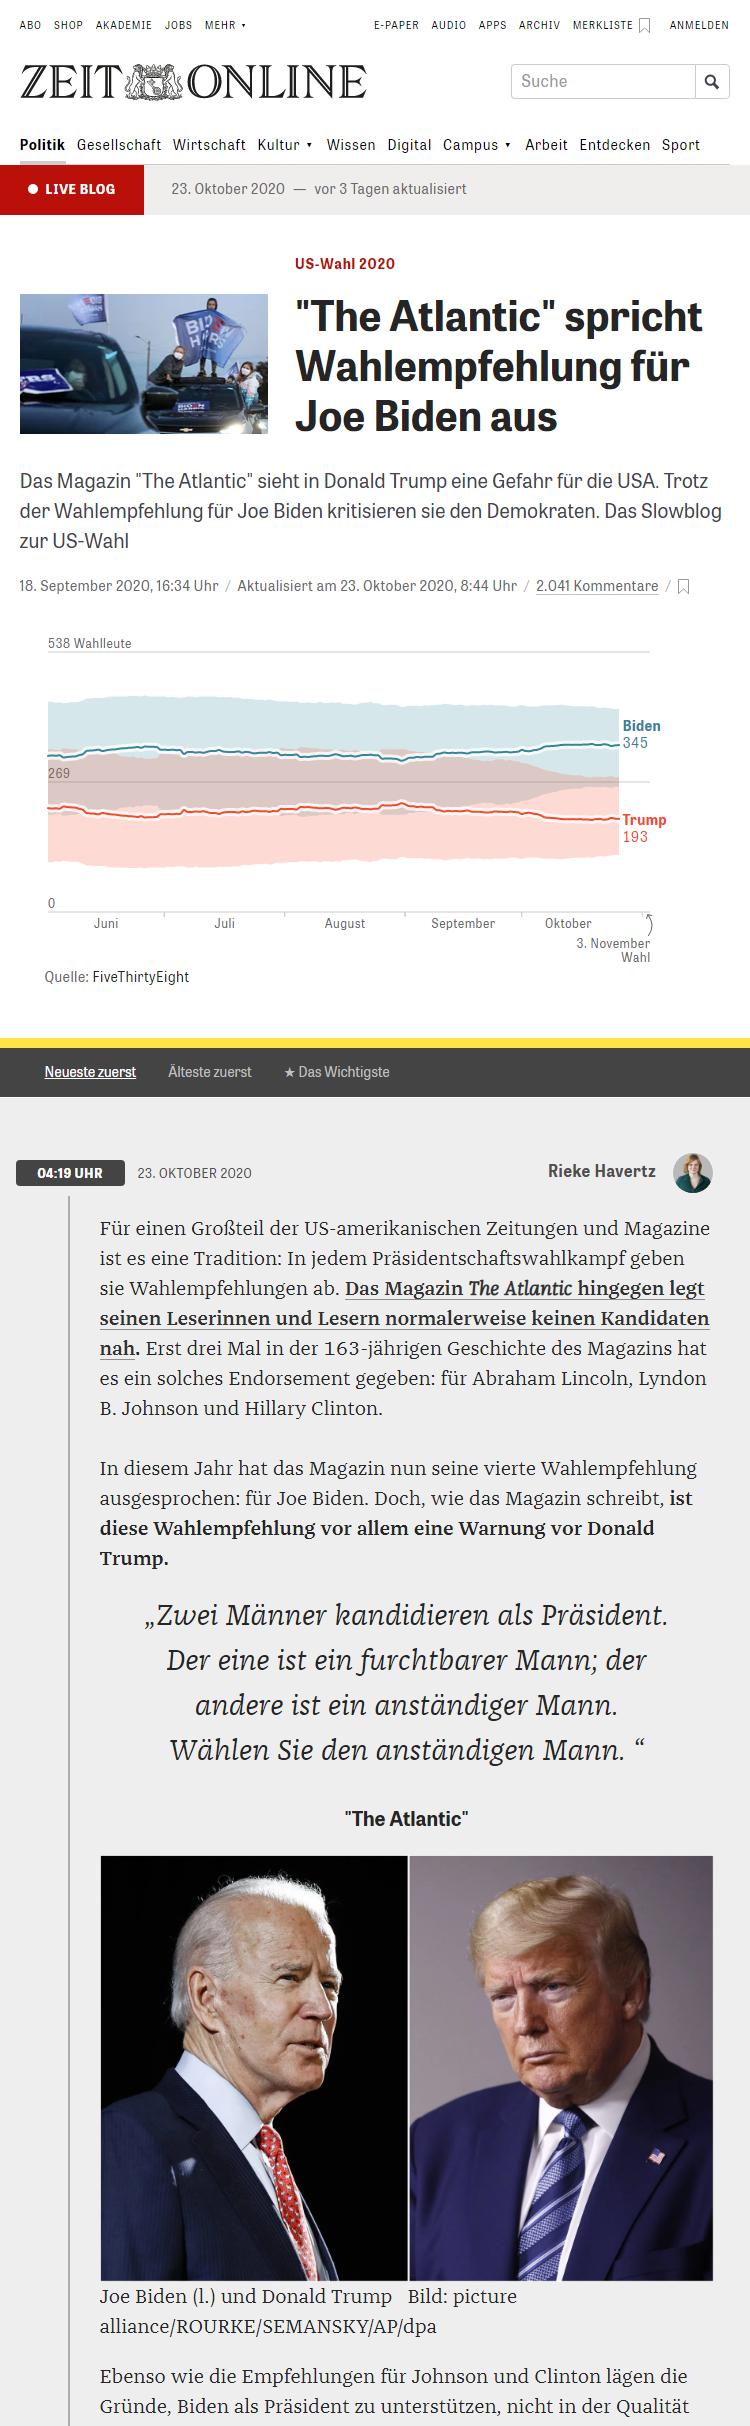 Zeit Online US elections